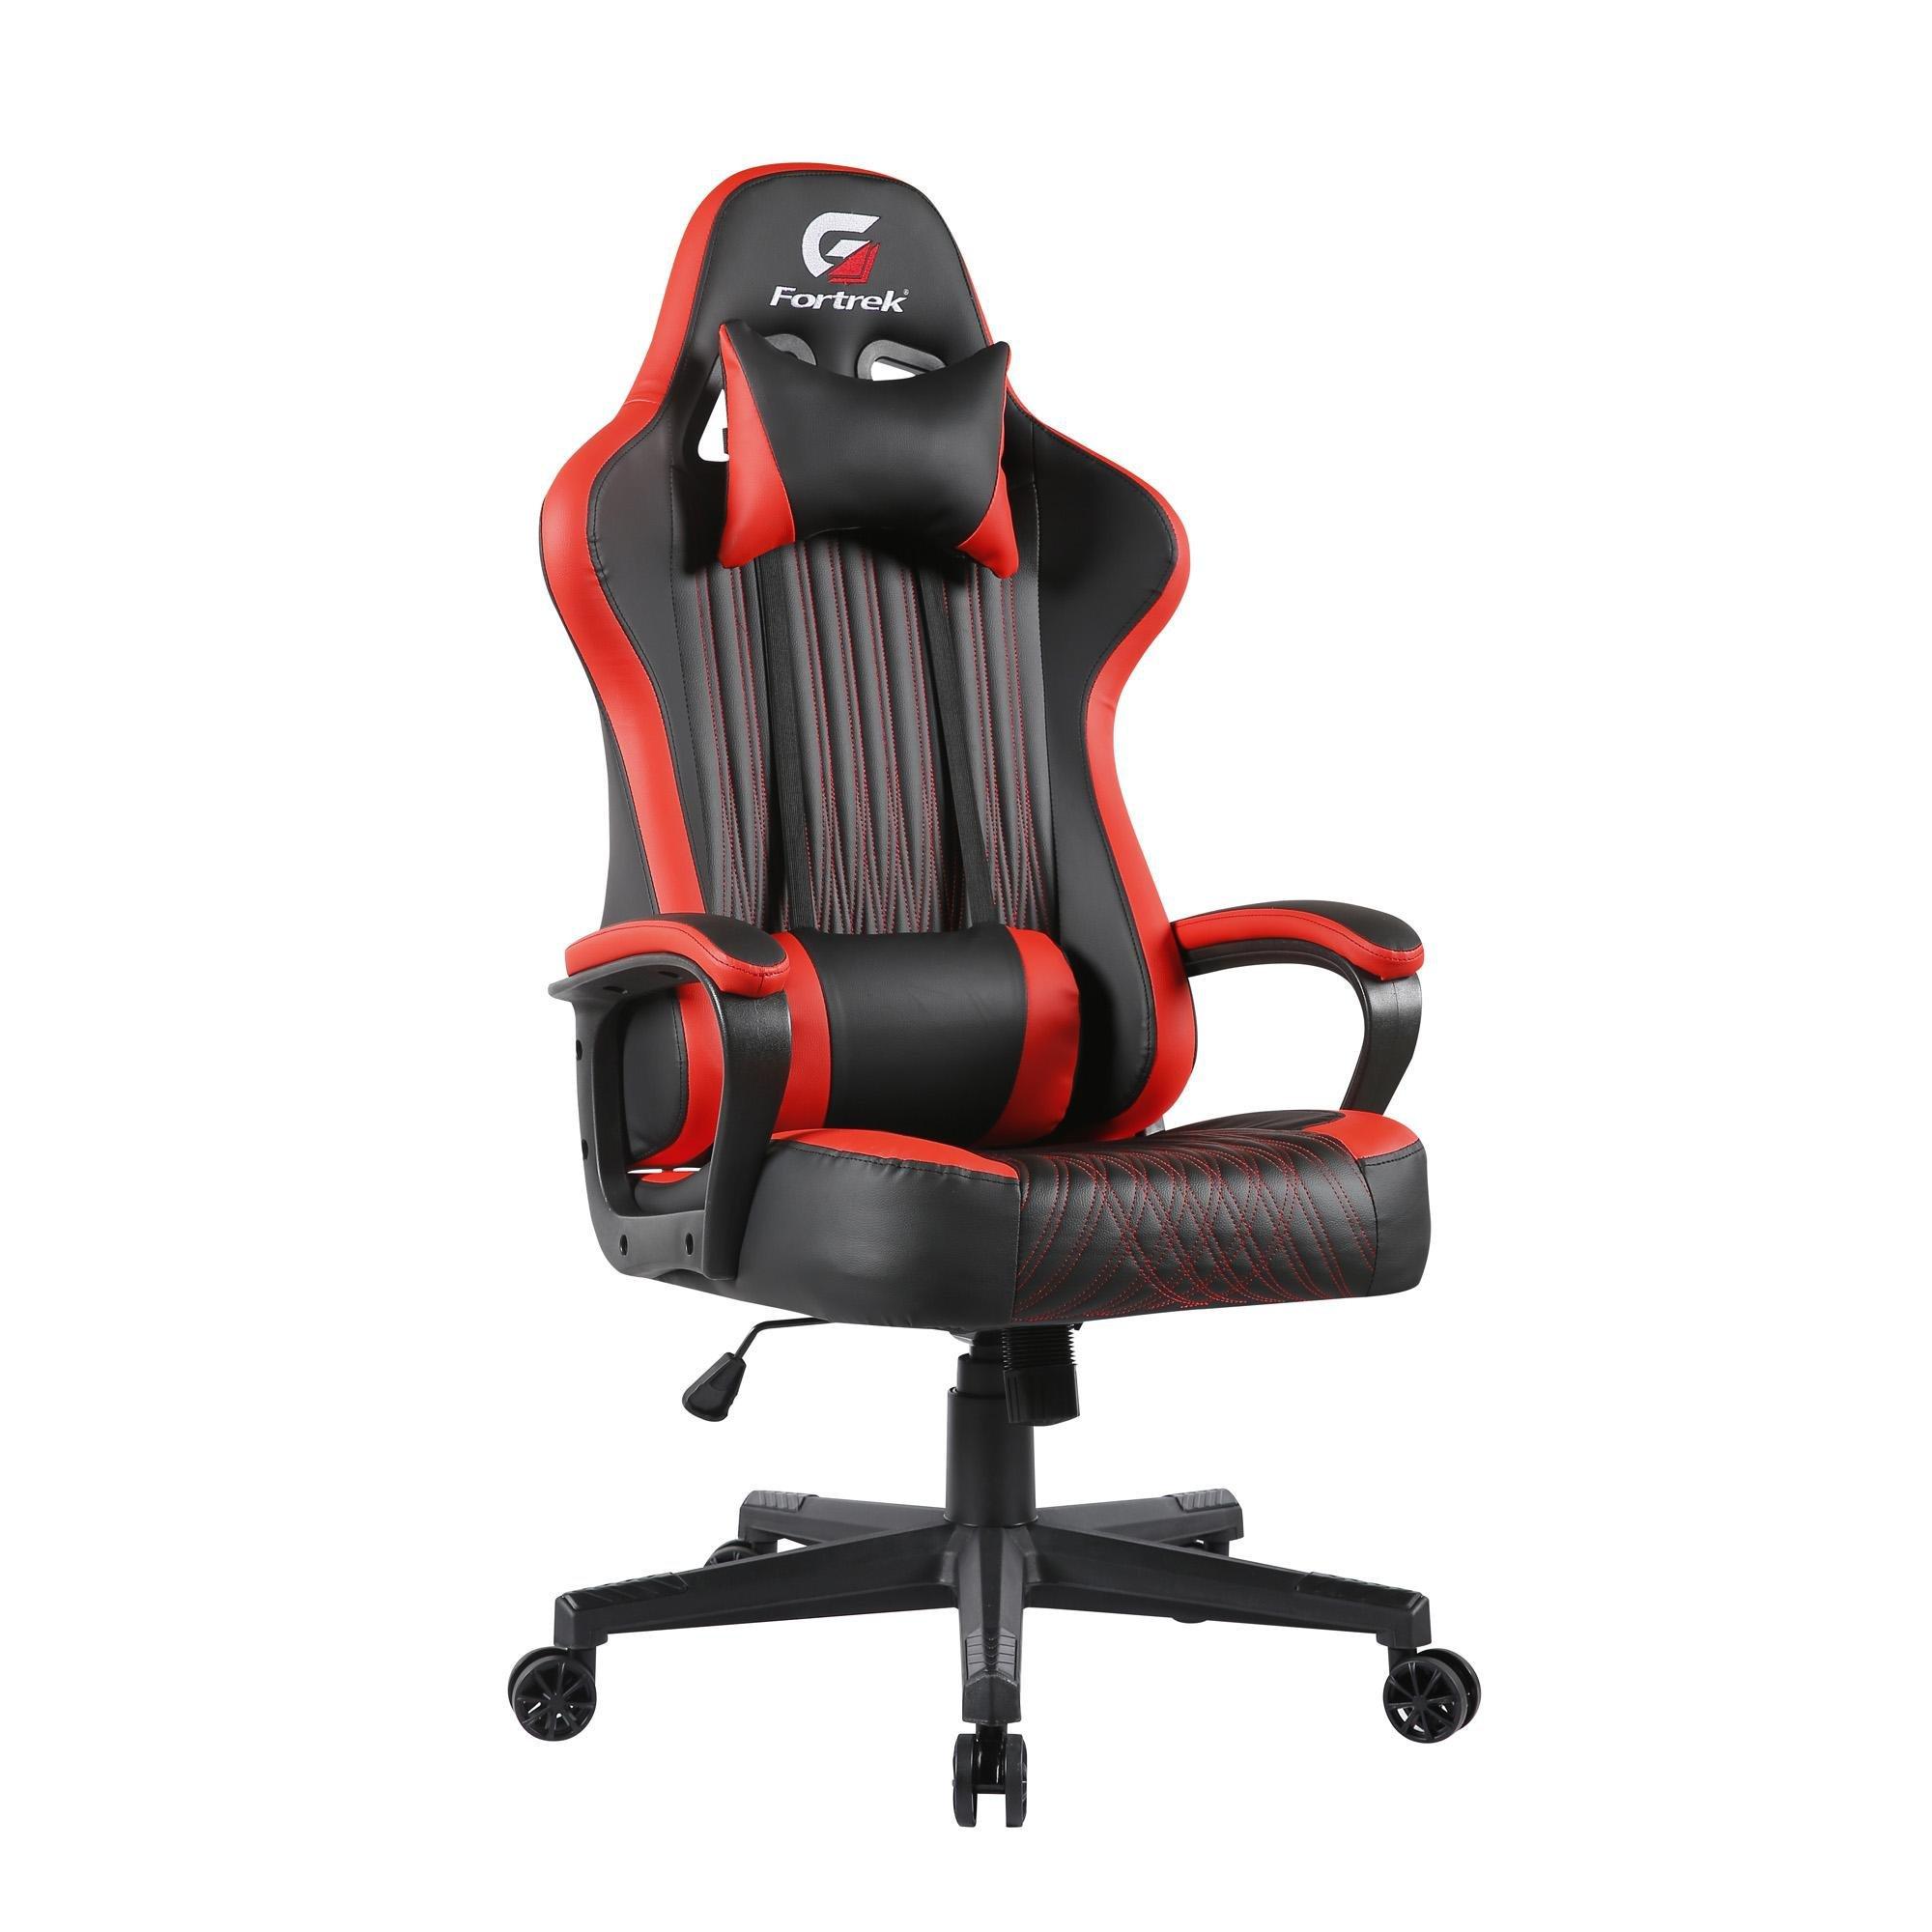 cadeira gamer veja isso fortrek vickers preta vermelha 49729 2000 200825 1